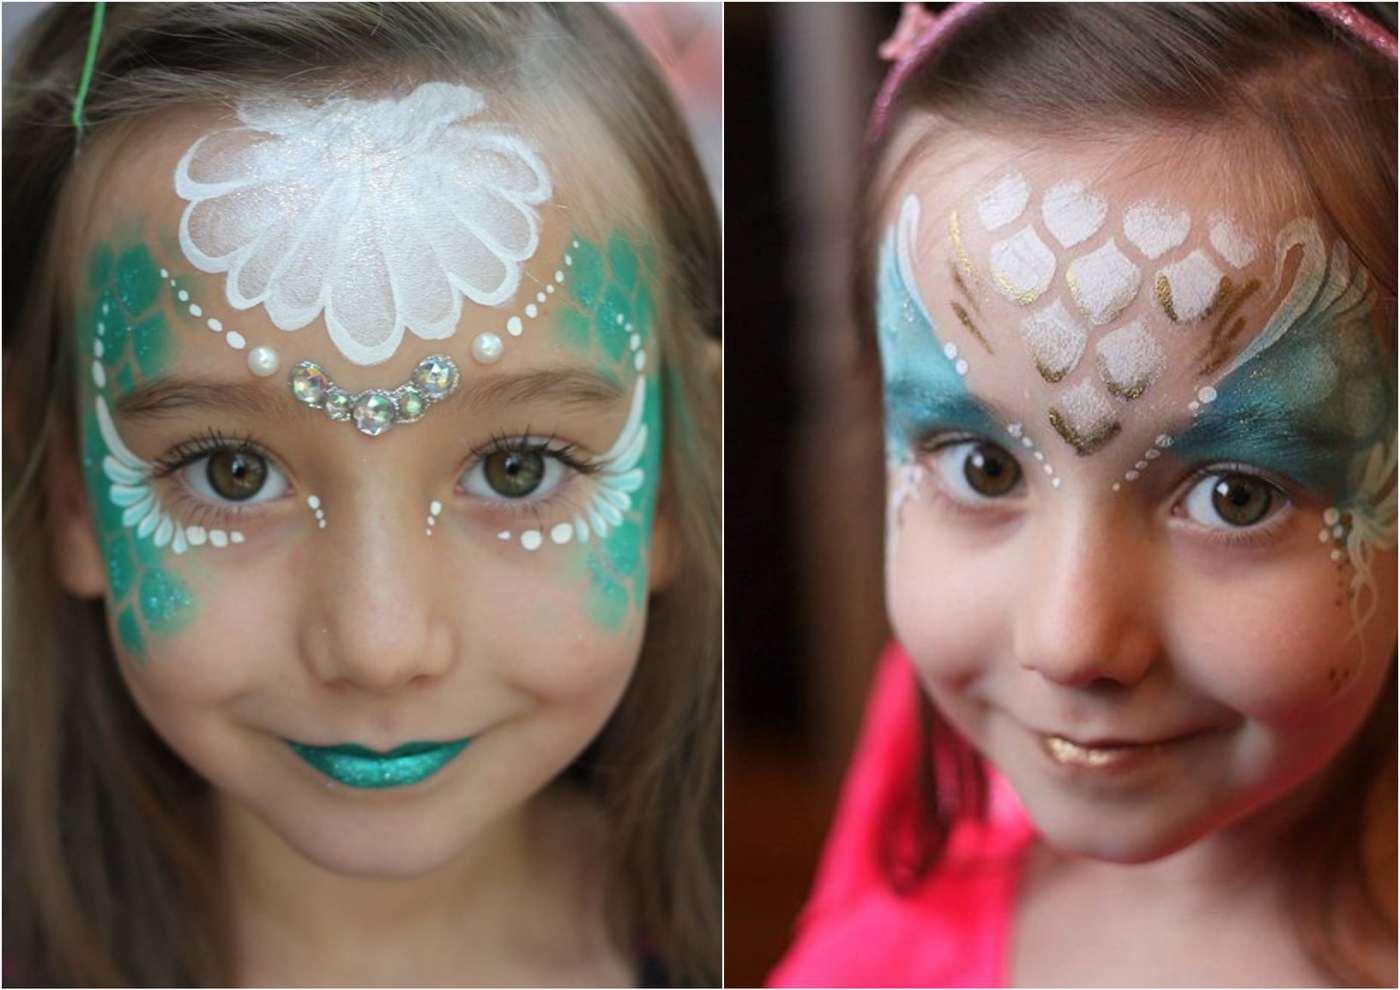 Kinderschminken Vorlagen Für Gesichtsbemalung - Einfach Und Süß verwandt mit Schminkvorlagen Kinderschminken Zum Ausdrucken